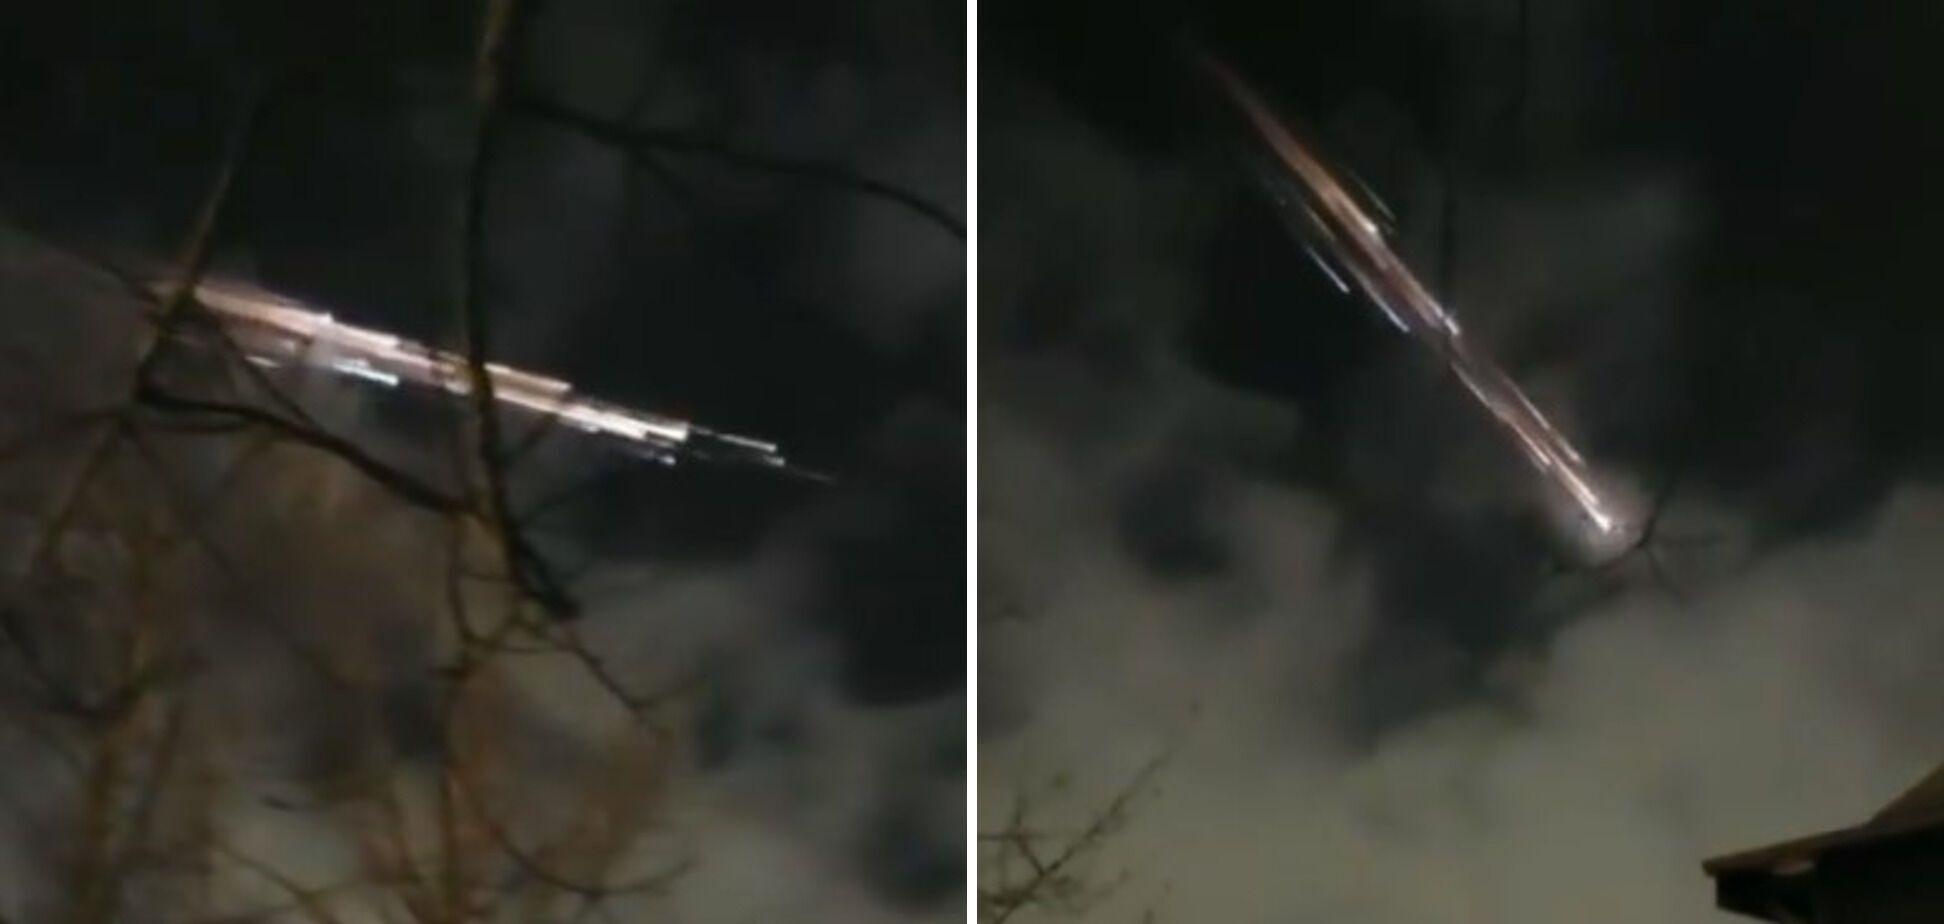 """Американцы увидели """"мистические огни"""" в небе: они оказались обломками ракеты SpaceX. Фото"""